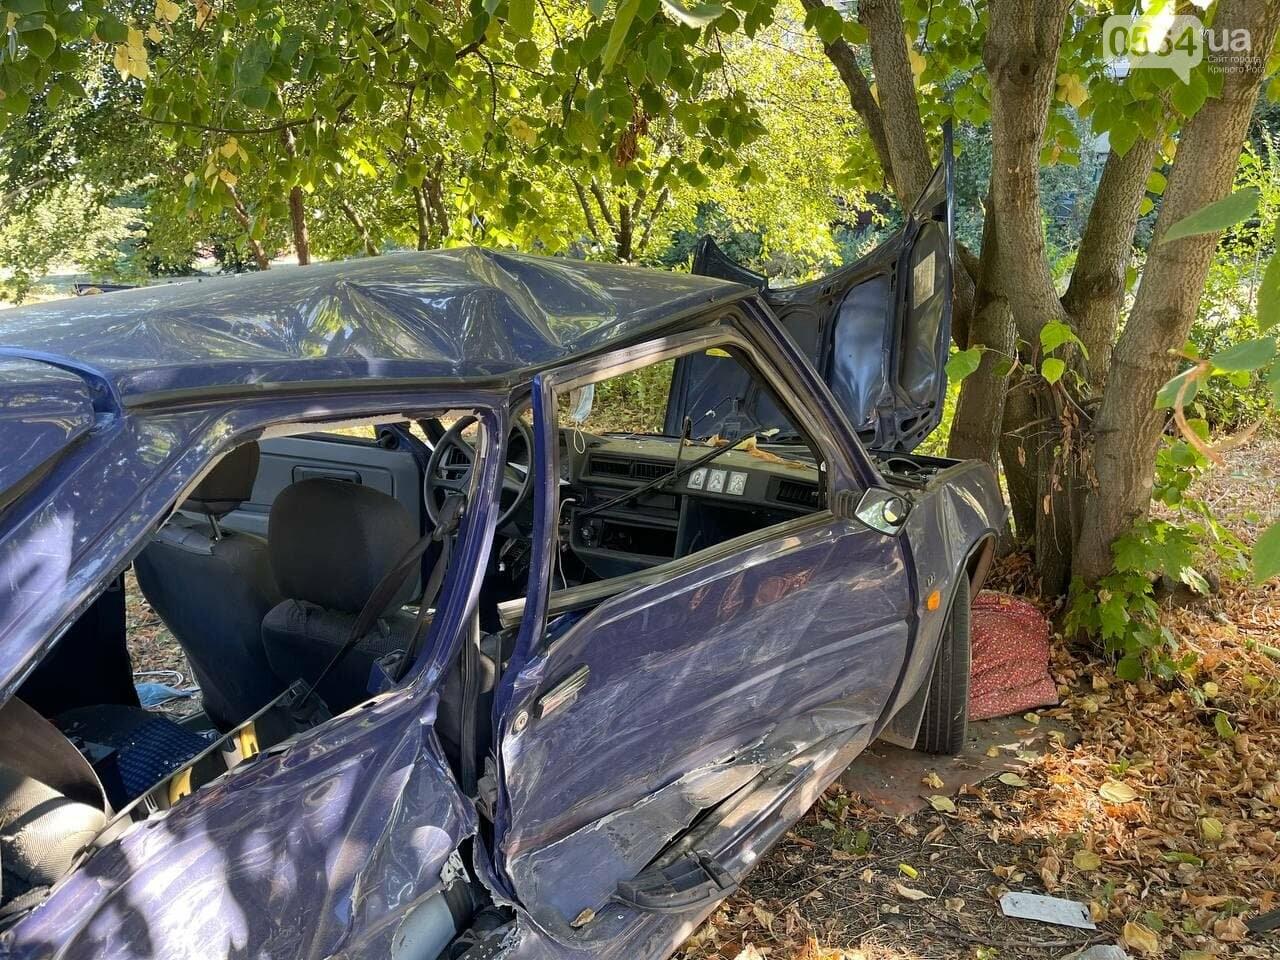 Два человека пострадали в аварии возле объездной дороги в Кривом Роге, - ФОТО, фото-3